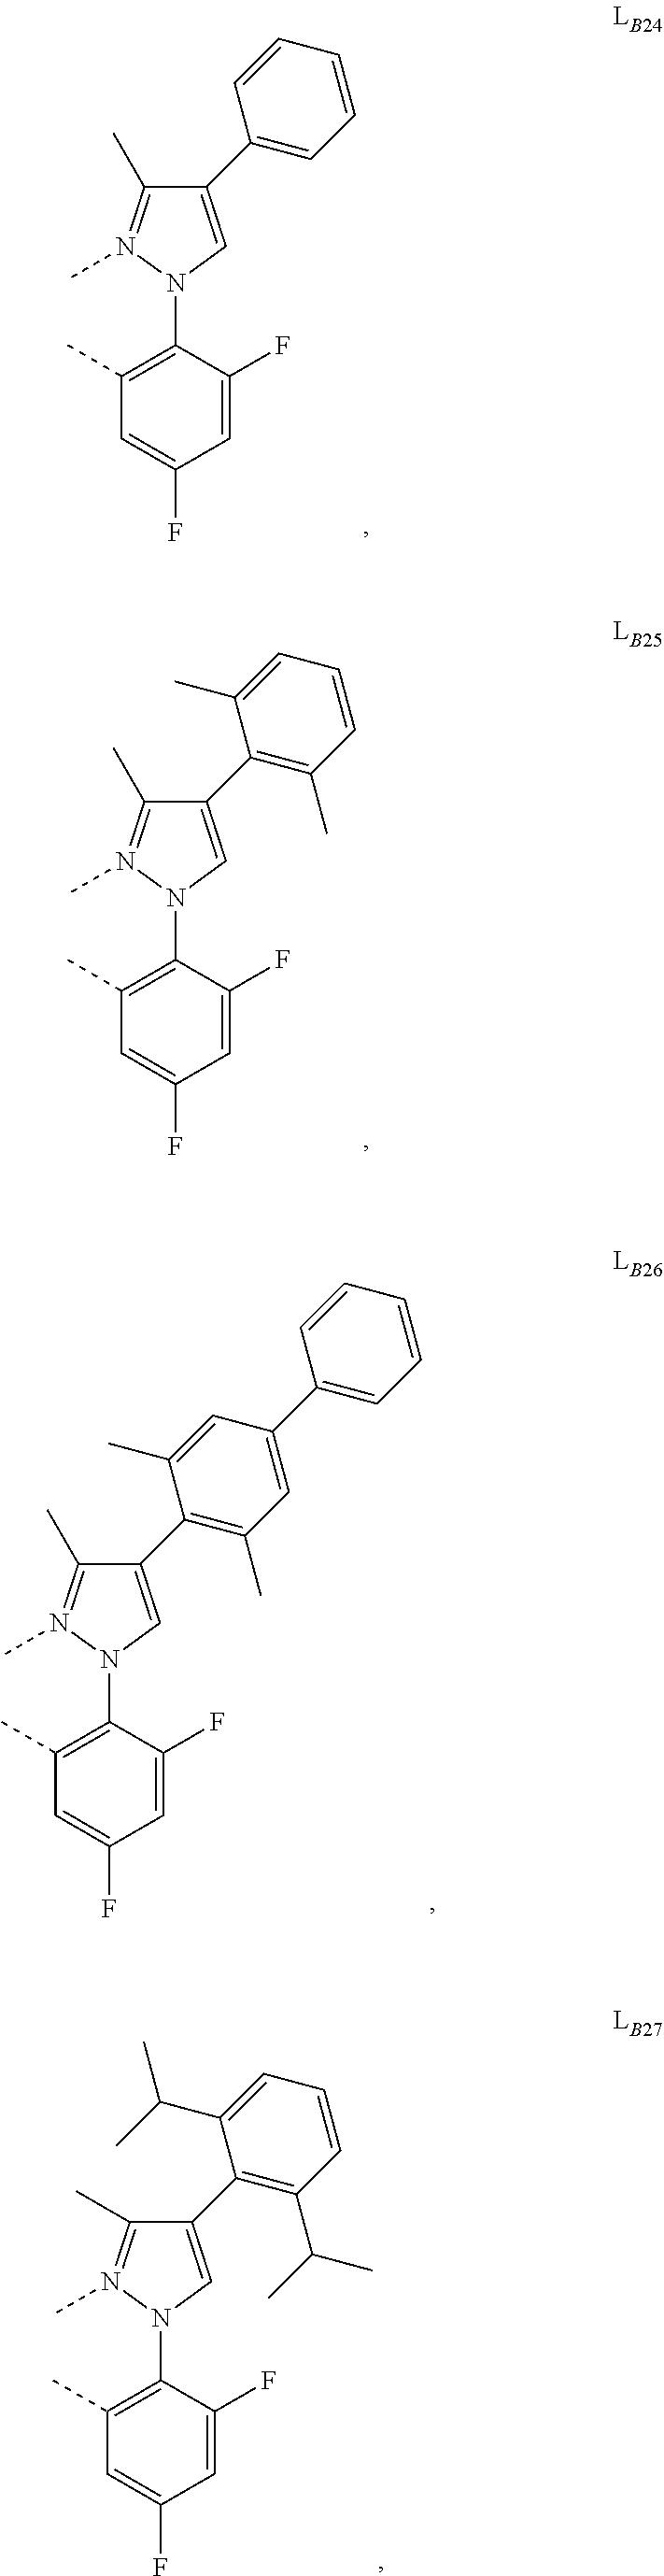 Figure US09905785-20180227-C00562